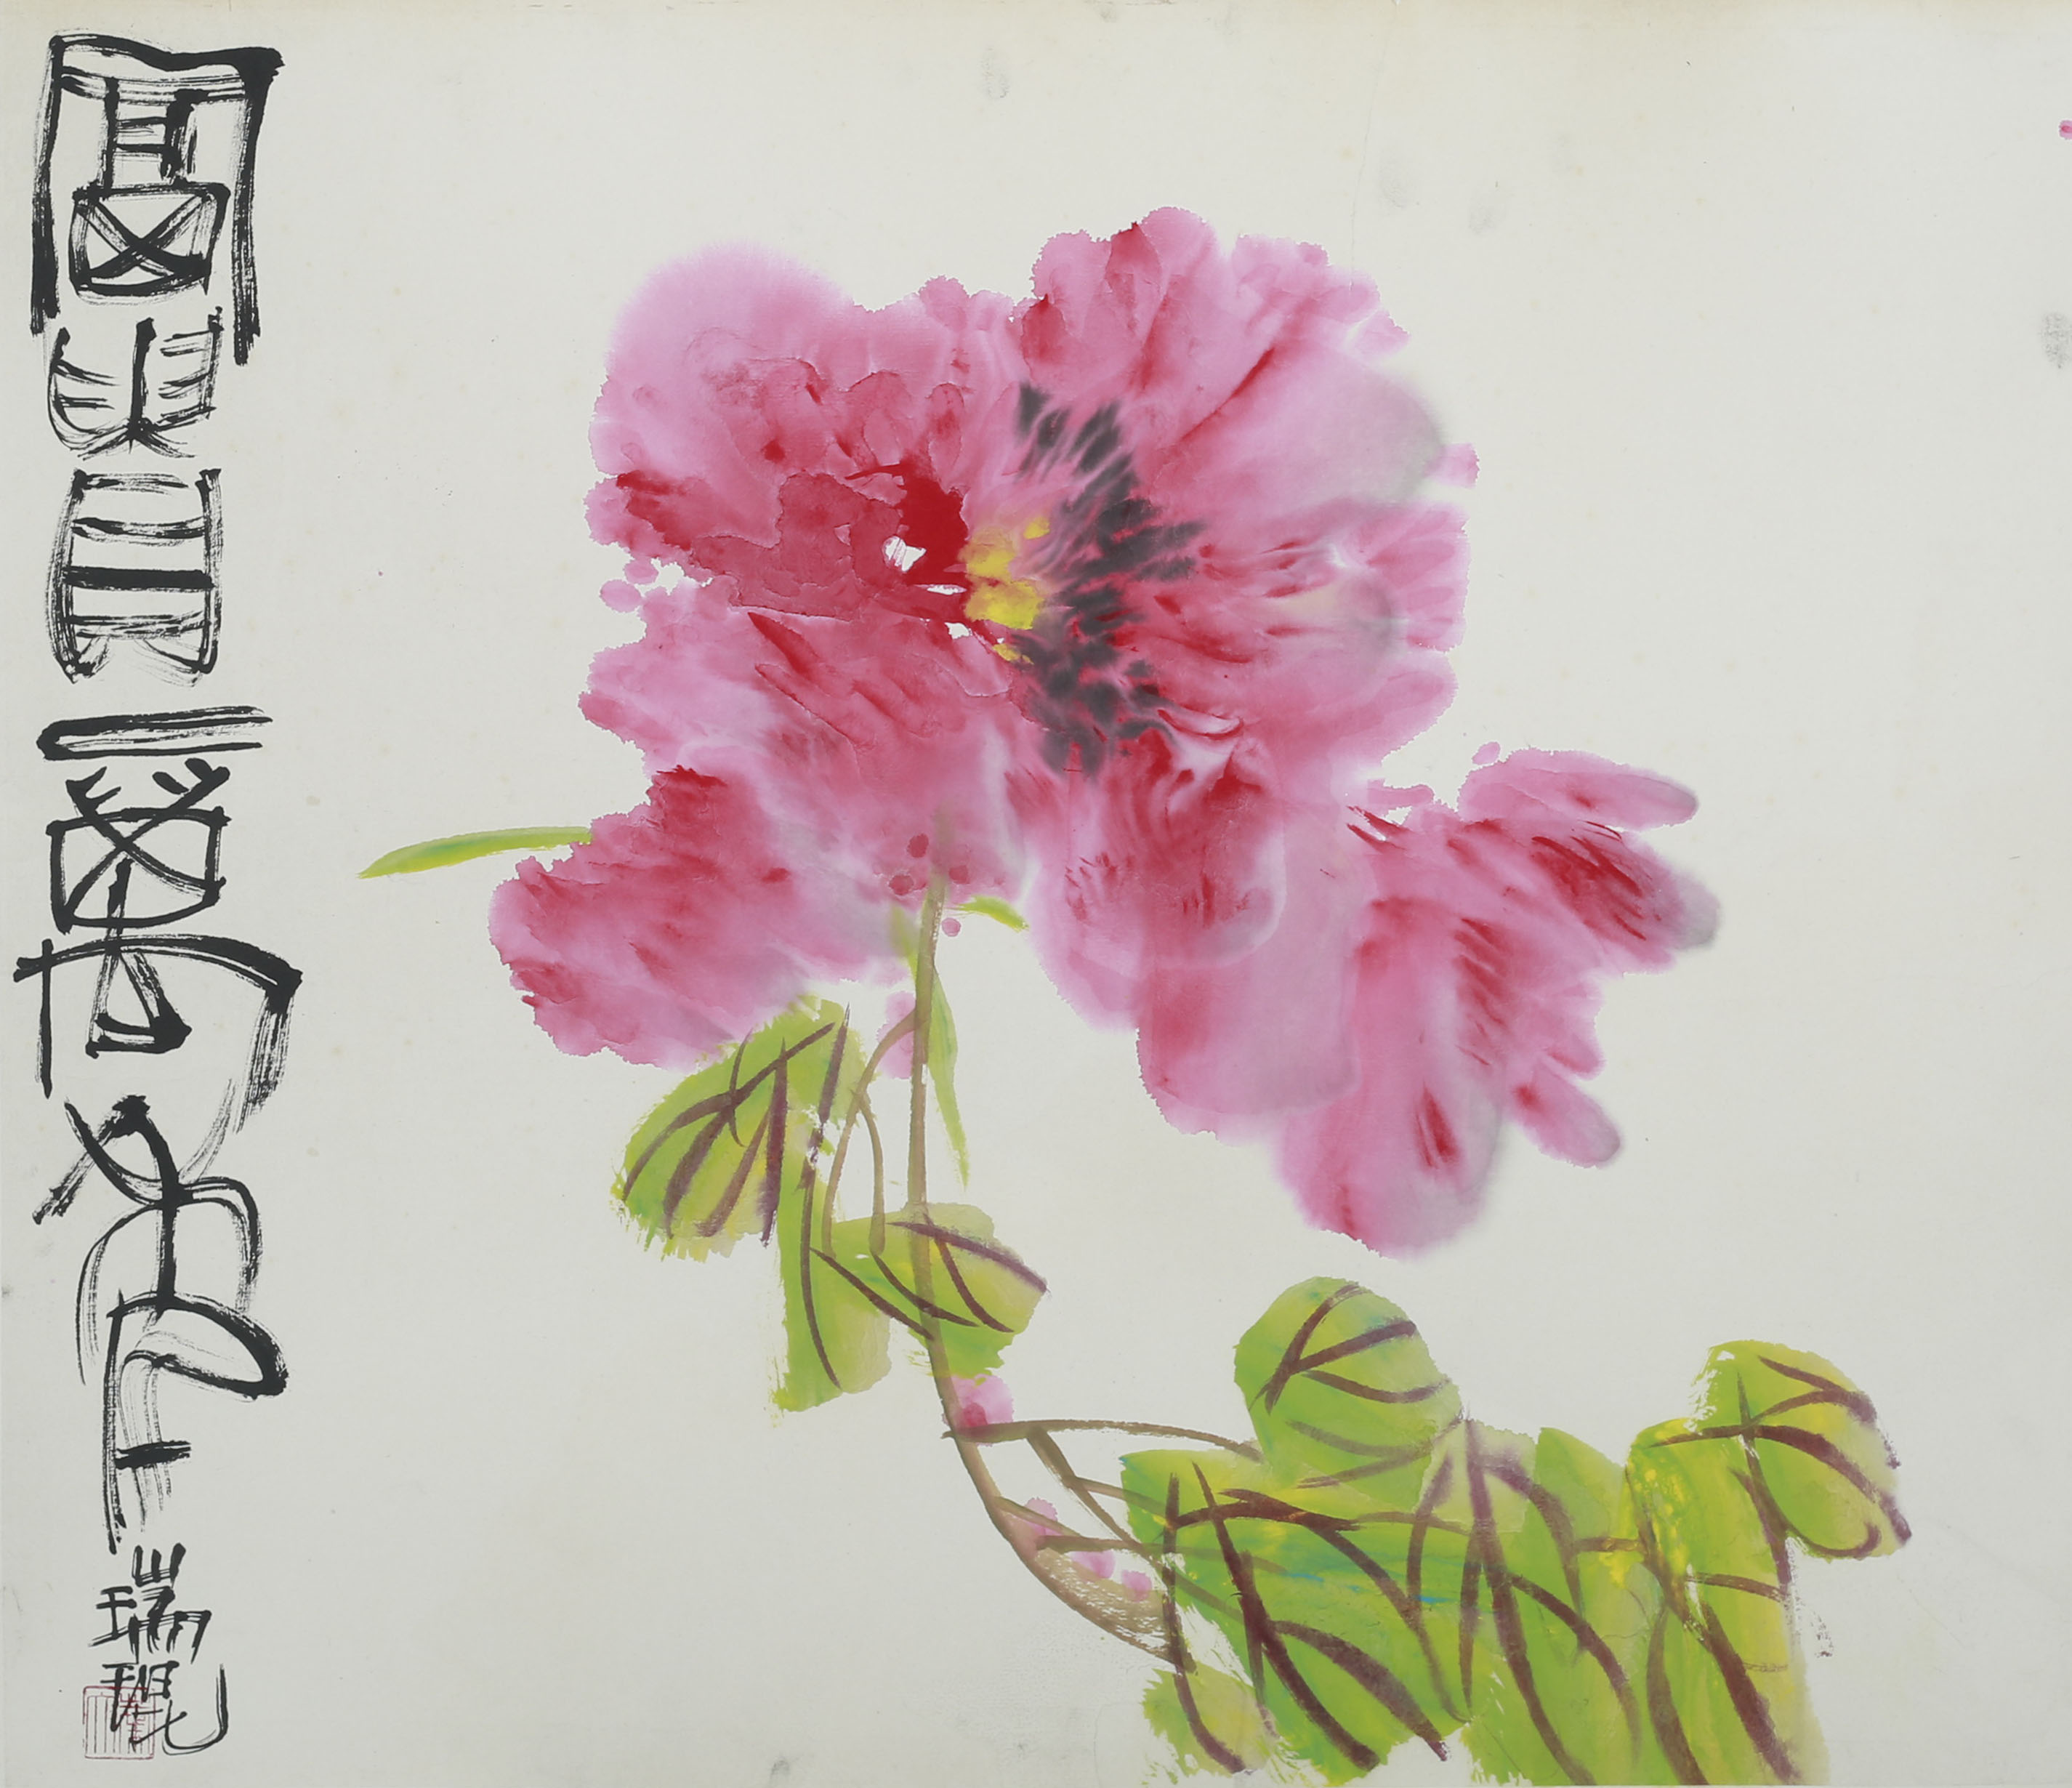 叶瑞琨-牡丹拍卖预展,叶瑞琨作品拍卖估价,灏瀚艺术会